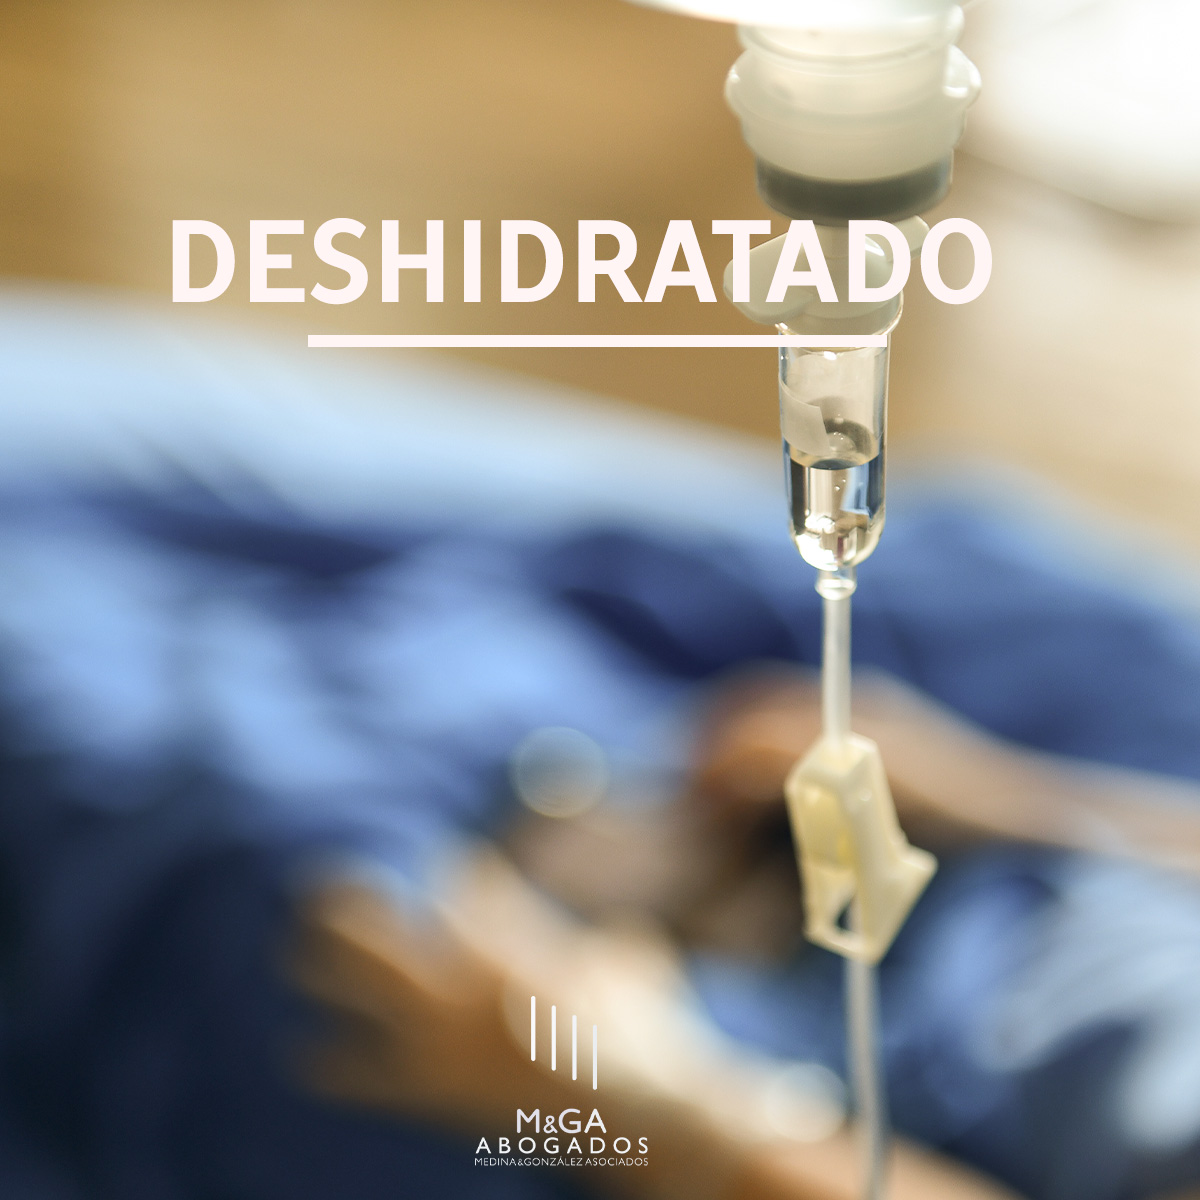 Denuncian a tres médicos de una residencia por no hacer seguimiento a un paciente que murió deshidratado